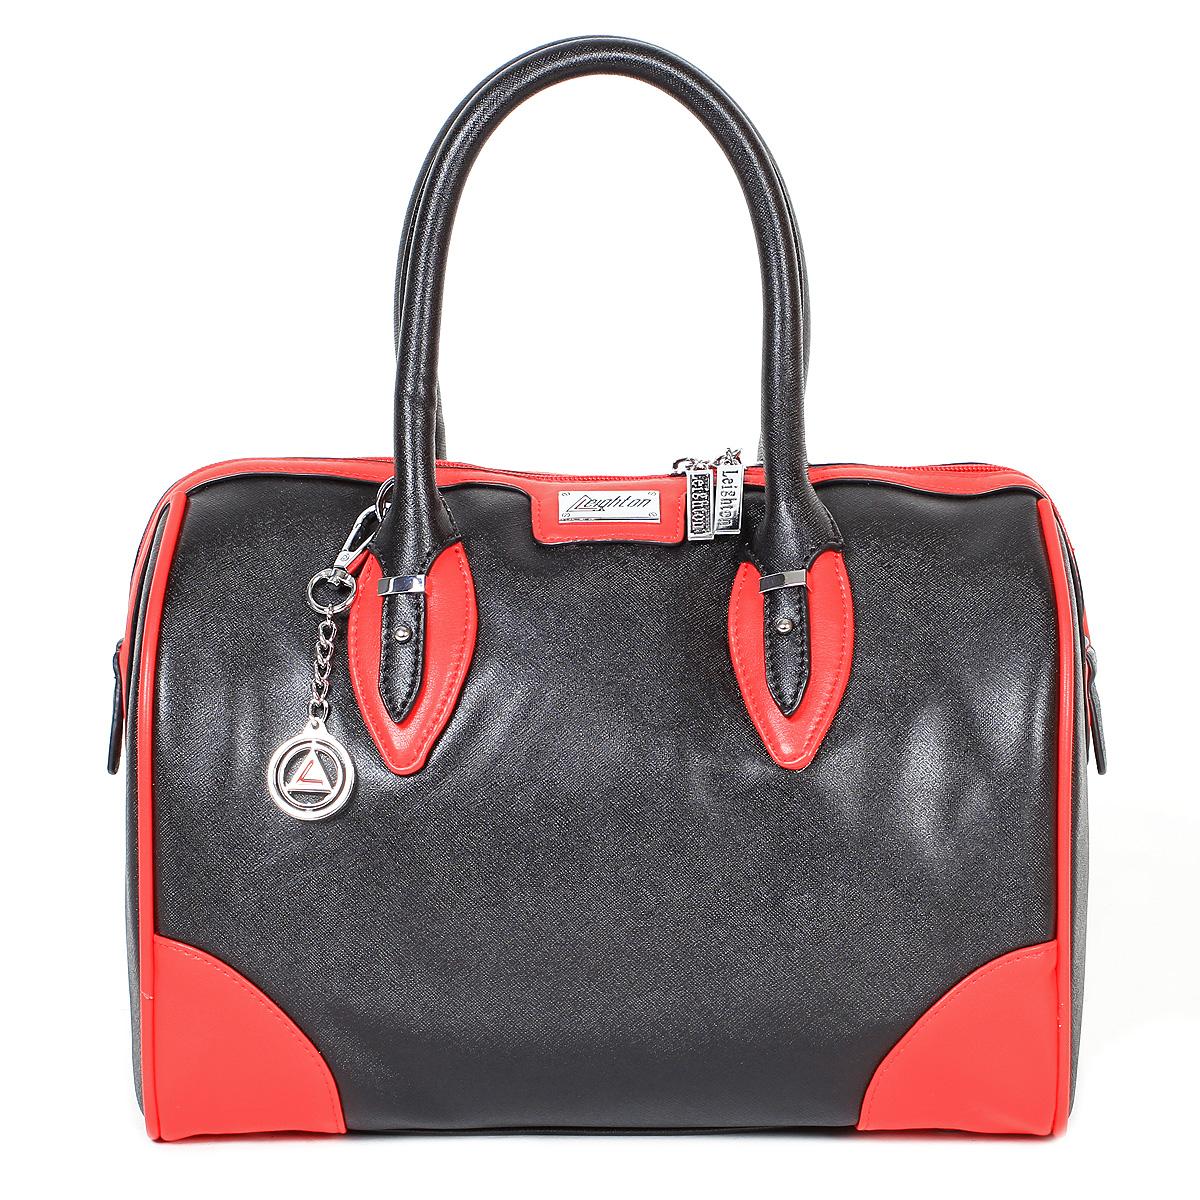 Сумка женская Leighton, цвет: черный, красный. 9435-37699435-3769/1/1166/601Стильная женская сумка Leighton выполнена из высококачественной искусственной кожи с отделкой из кожи контрастного цвета, оформлена пластиной с логотипом бренда и брелоком. Сумка имеет одно вместительное отделение, закрывающееся на застежку-молнию. Внутри - два кармана на молниях и два накладных кармана для мелочей. С внешней стороны на задней стенке расположен карман на застежке-молнии. Дно дополнено металлическими ножками, защищающими изделие от повреждений. Сумка оснащена двумя ручками. В комплекте чехол для хранения и плечевой ремень. Фурнитура - серебристого цвета. Сумка - это стильный аксессуар, который подчеркнет вашу индивидуальность и сделает ваш образ завершенным. Классическое цветовое сочетание, стильный декор, модный дизайн - прекрасное дополнение к гардеробу модницы.